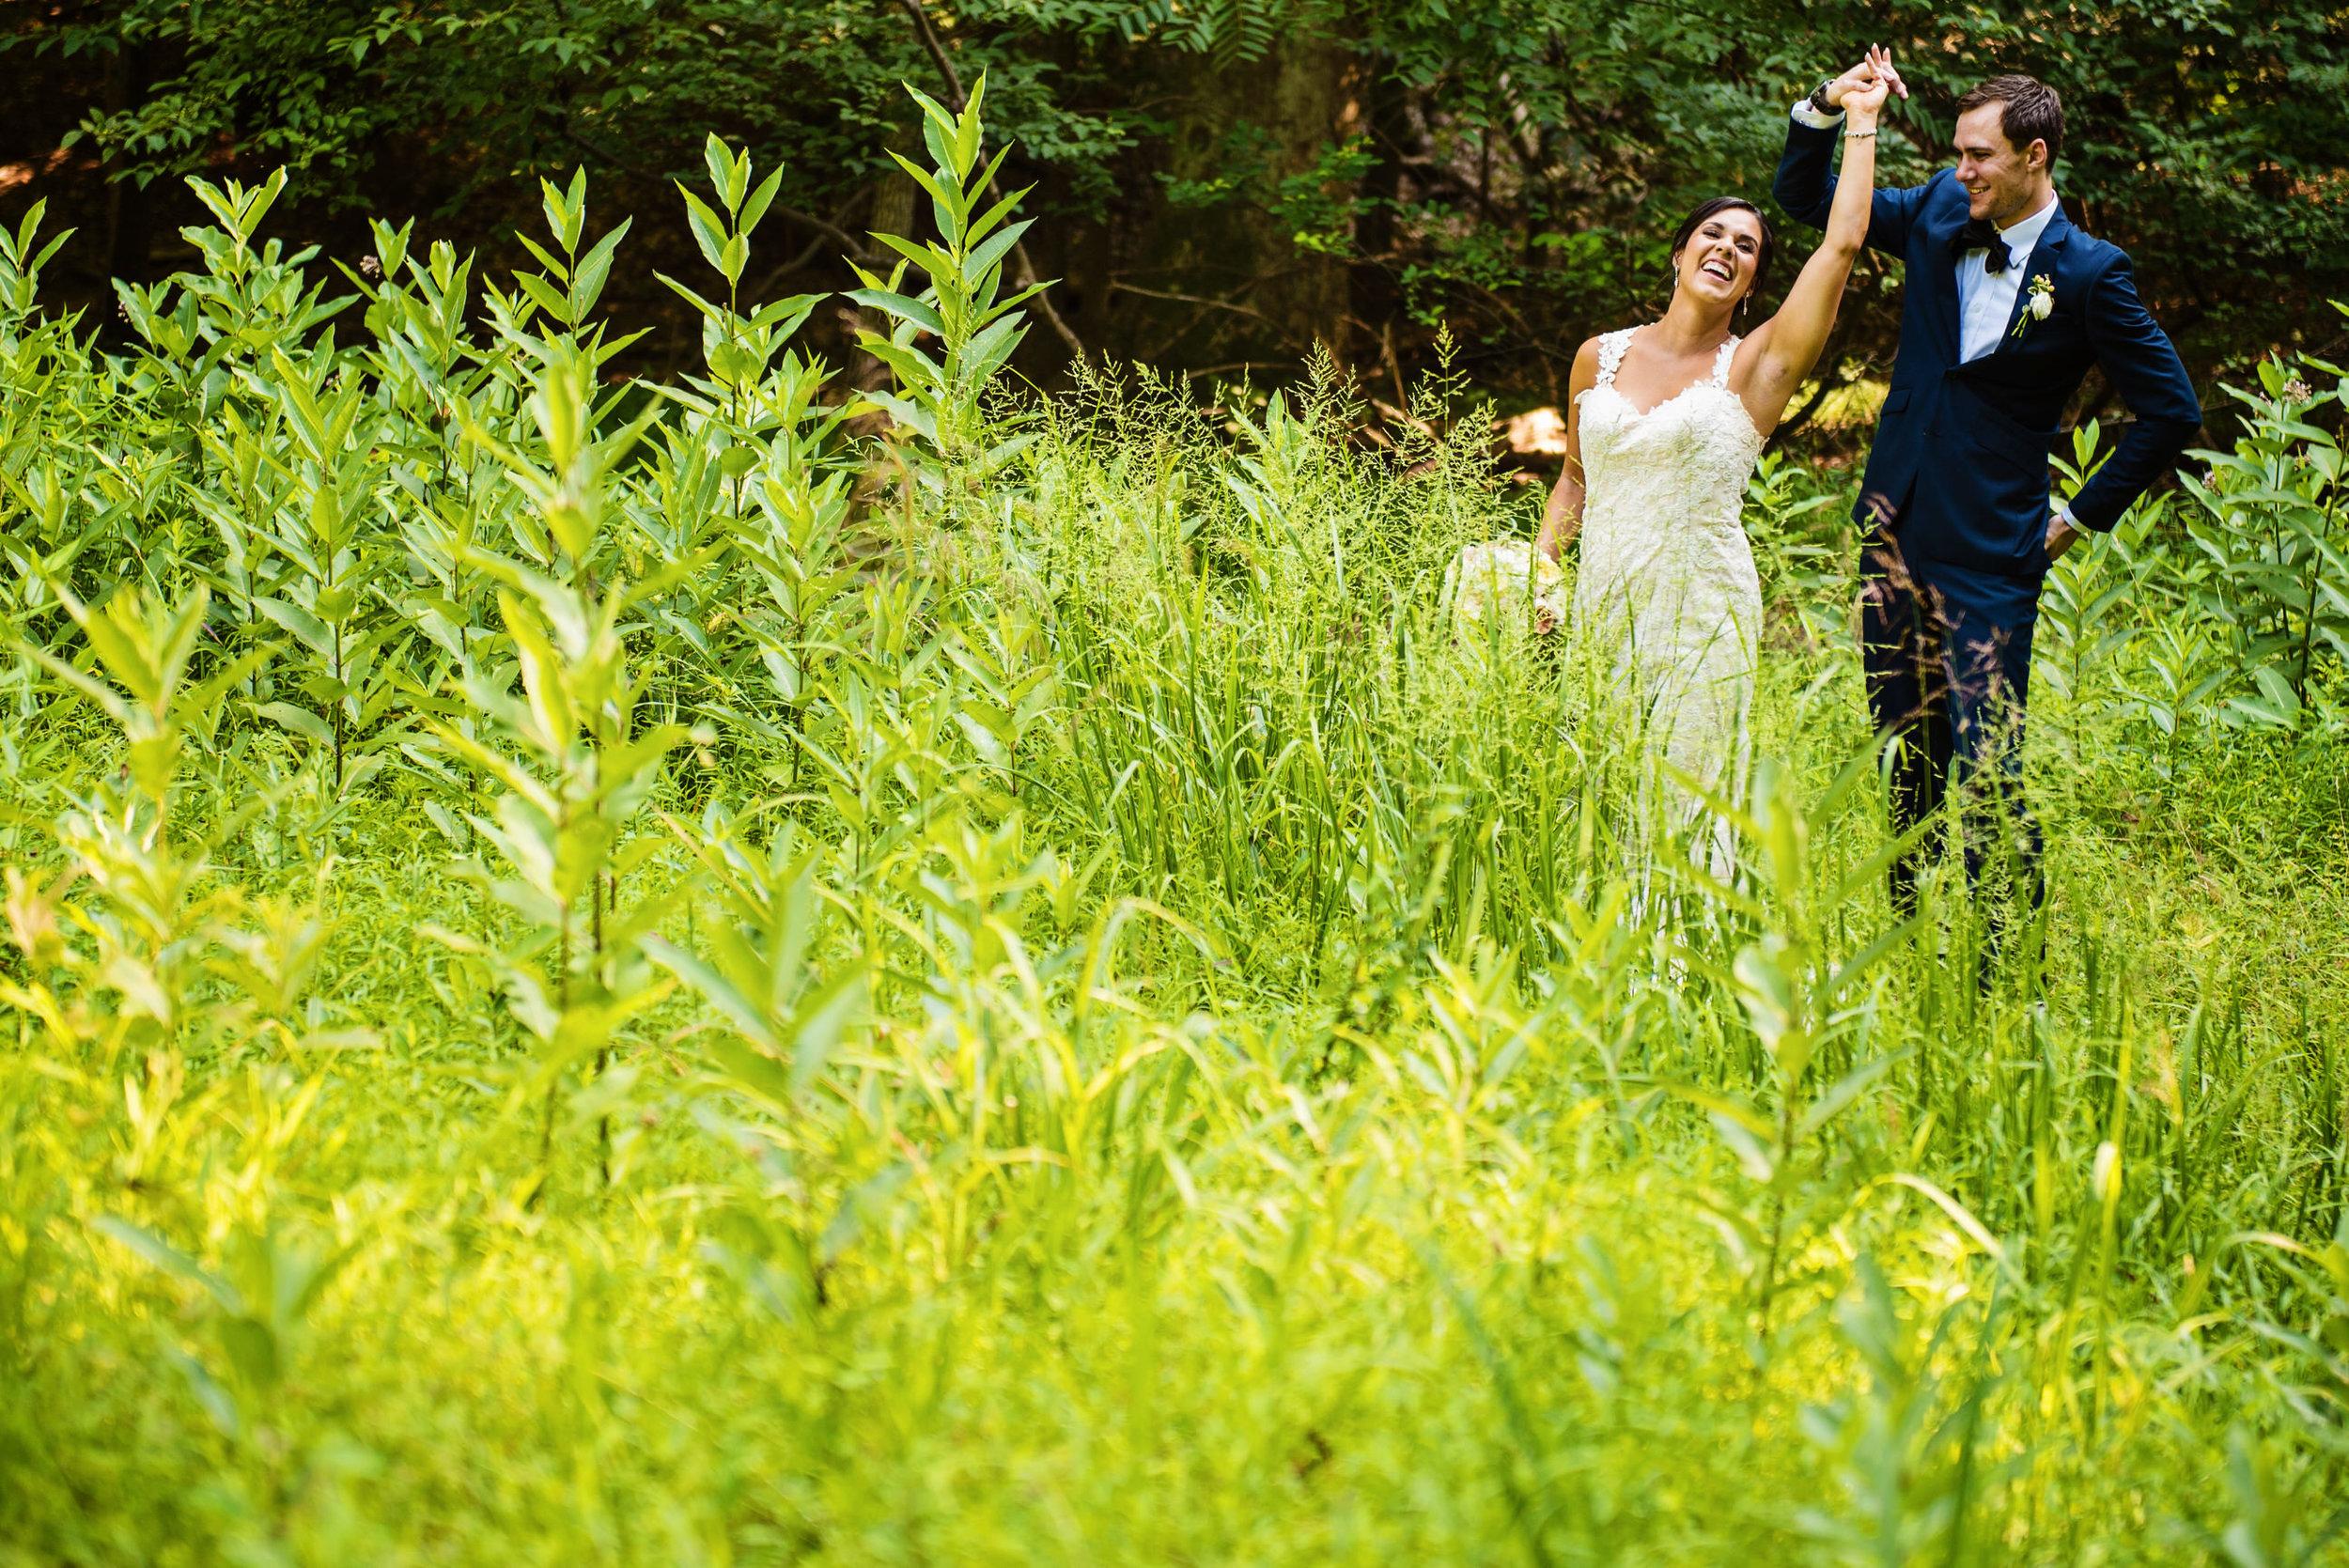 WoodendSantuaryWedding-Ashley&Dennis-402.JPG